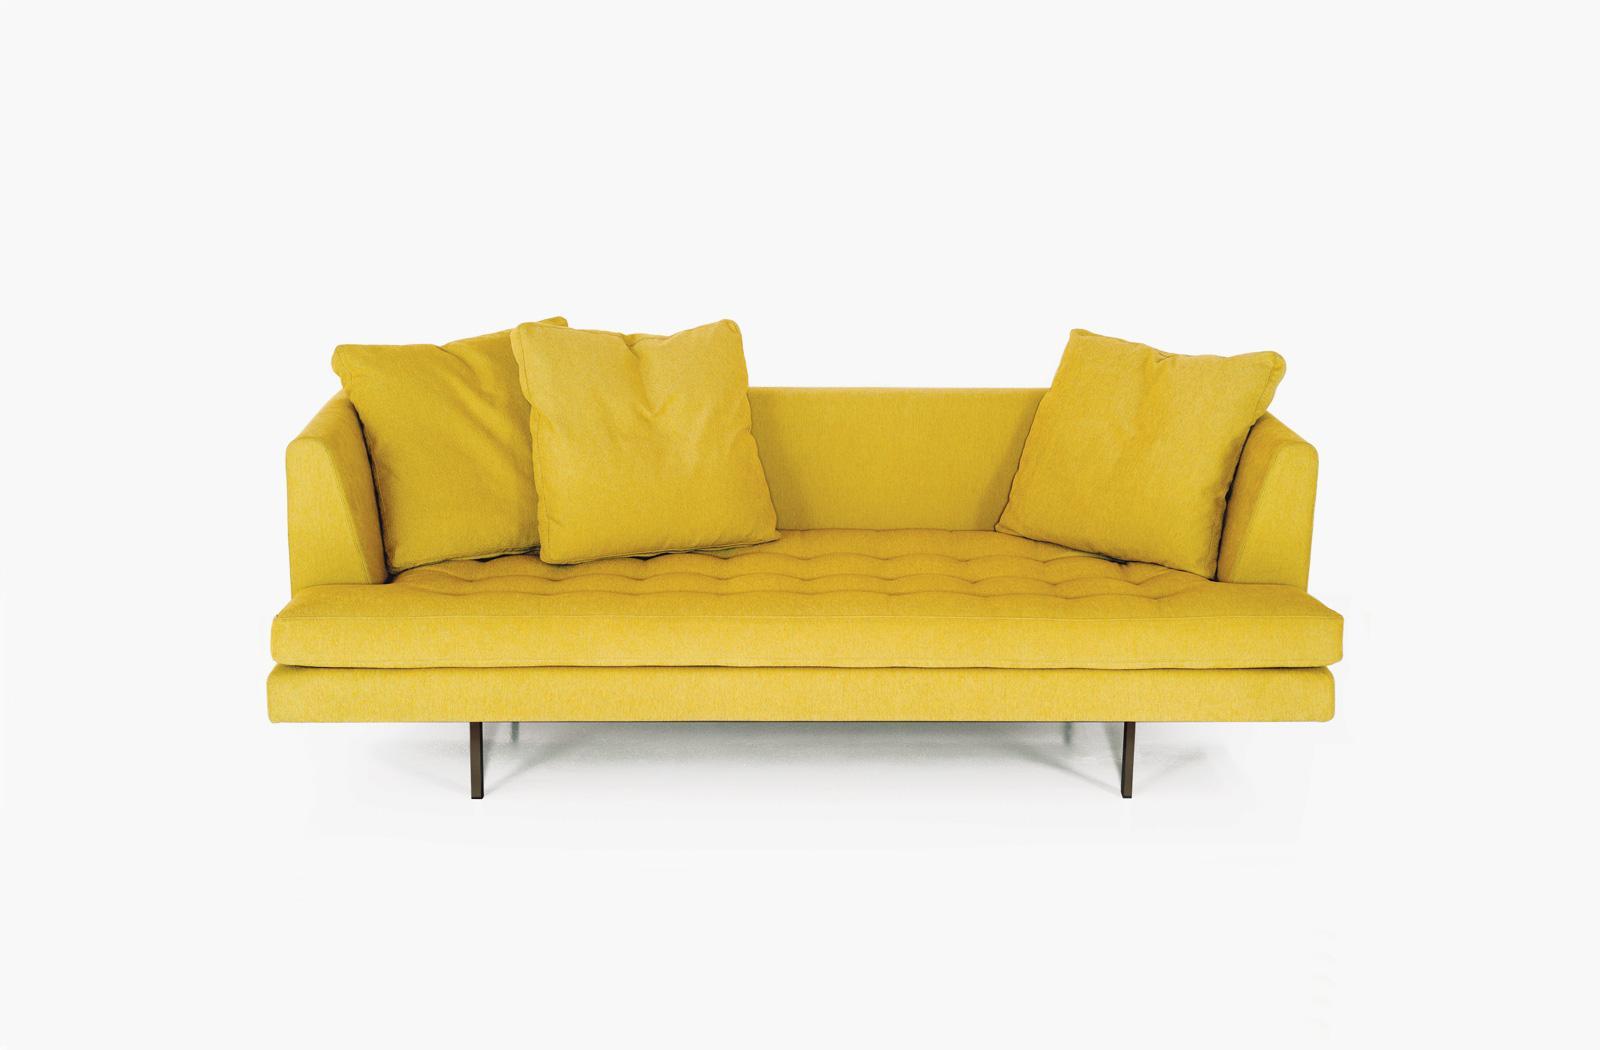 Bensen_template_Edward-Yellow-1.jpg